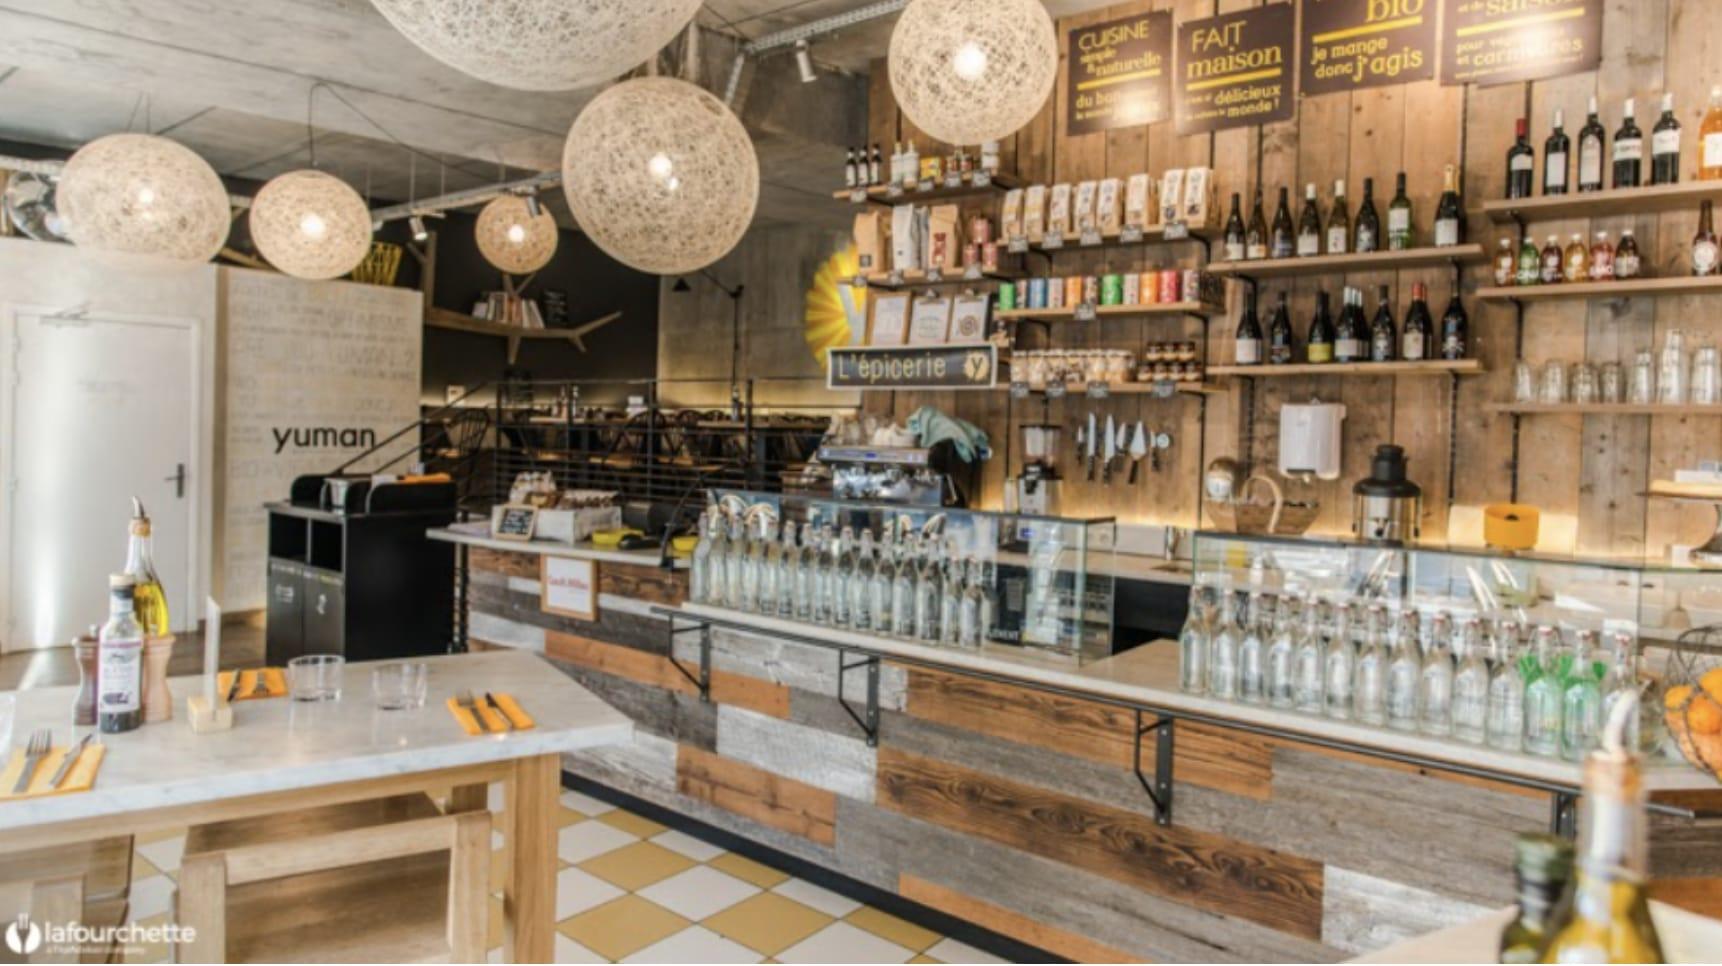 le yuman restaurant archive un sejour responsable a paris sanna conscious concept